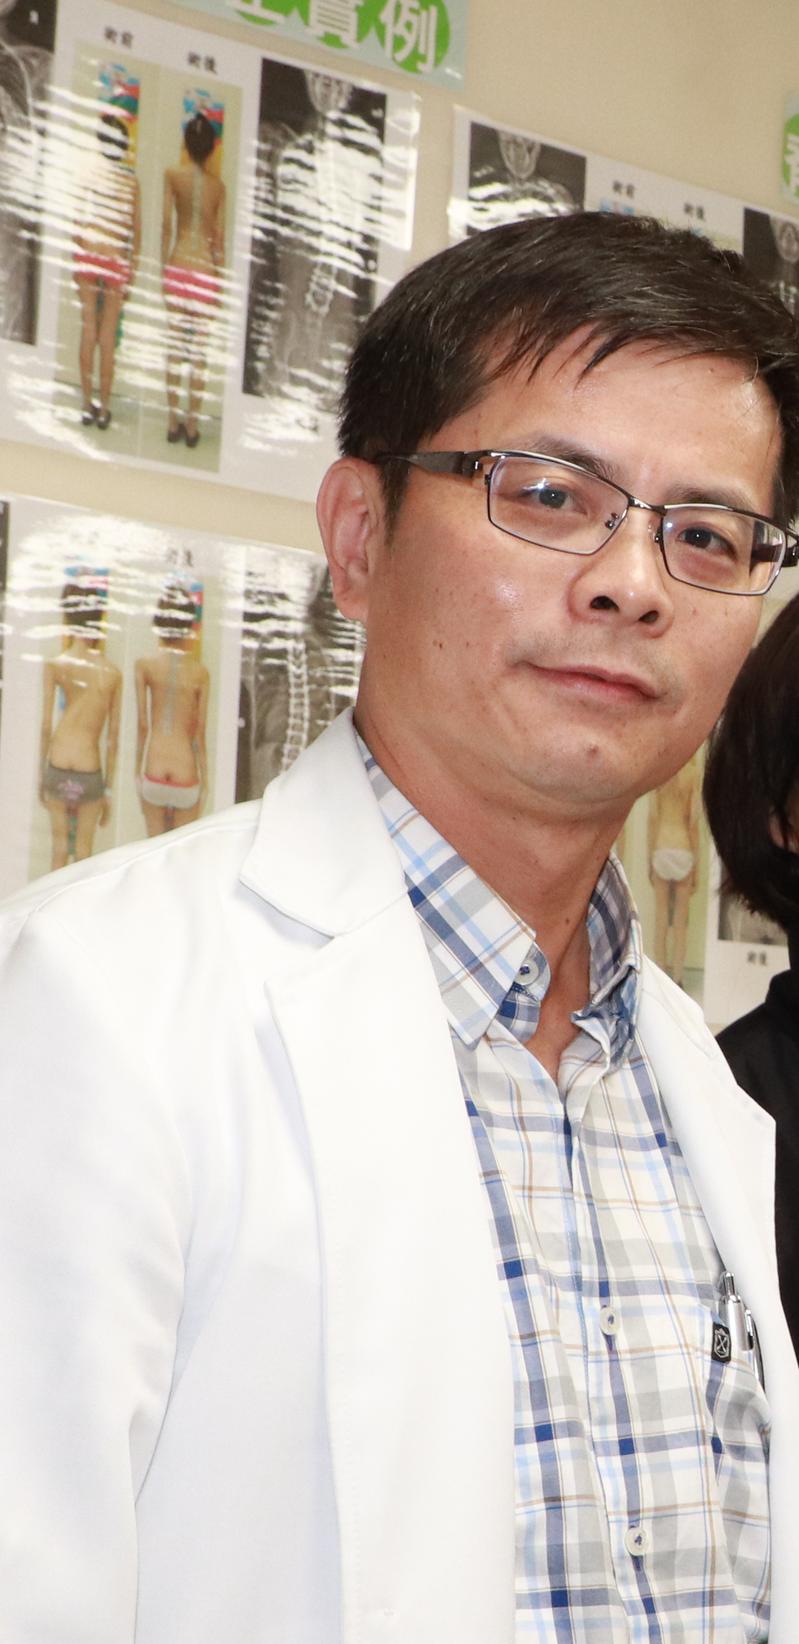 台中市大里仁愛醫院骨科主任吳啟明說,「脊椎壓迫性骨折」在65歲族群中,每四人就會有一人。圖/大里仁愛醫院提供